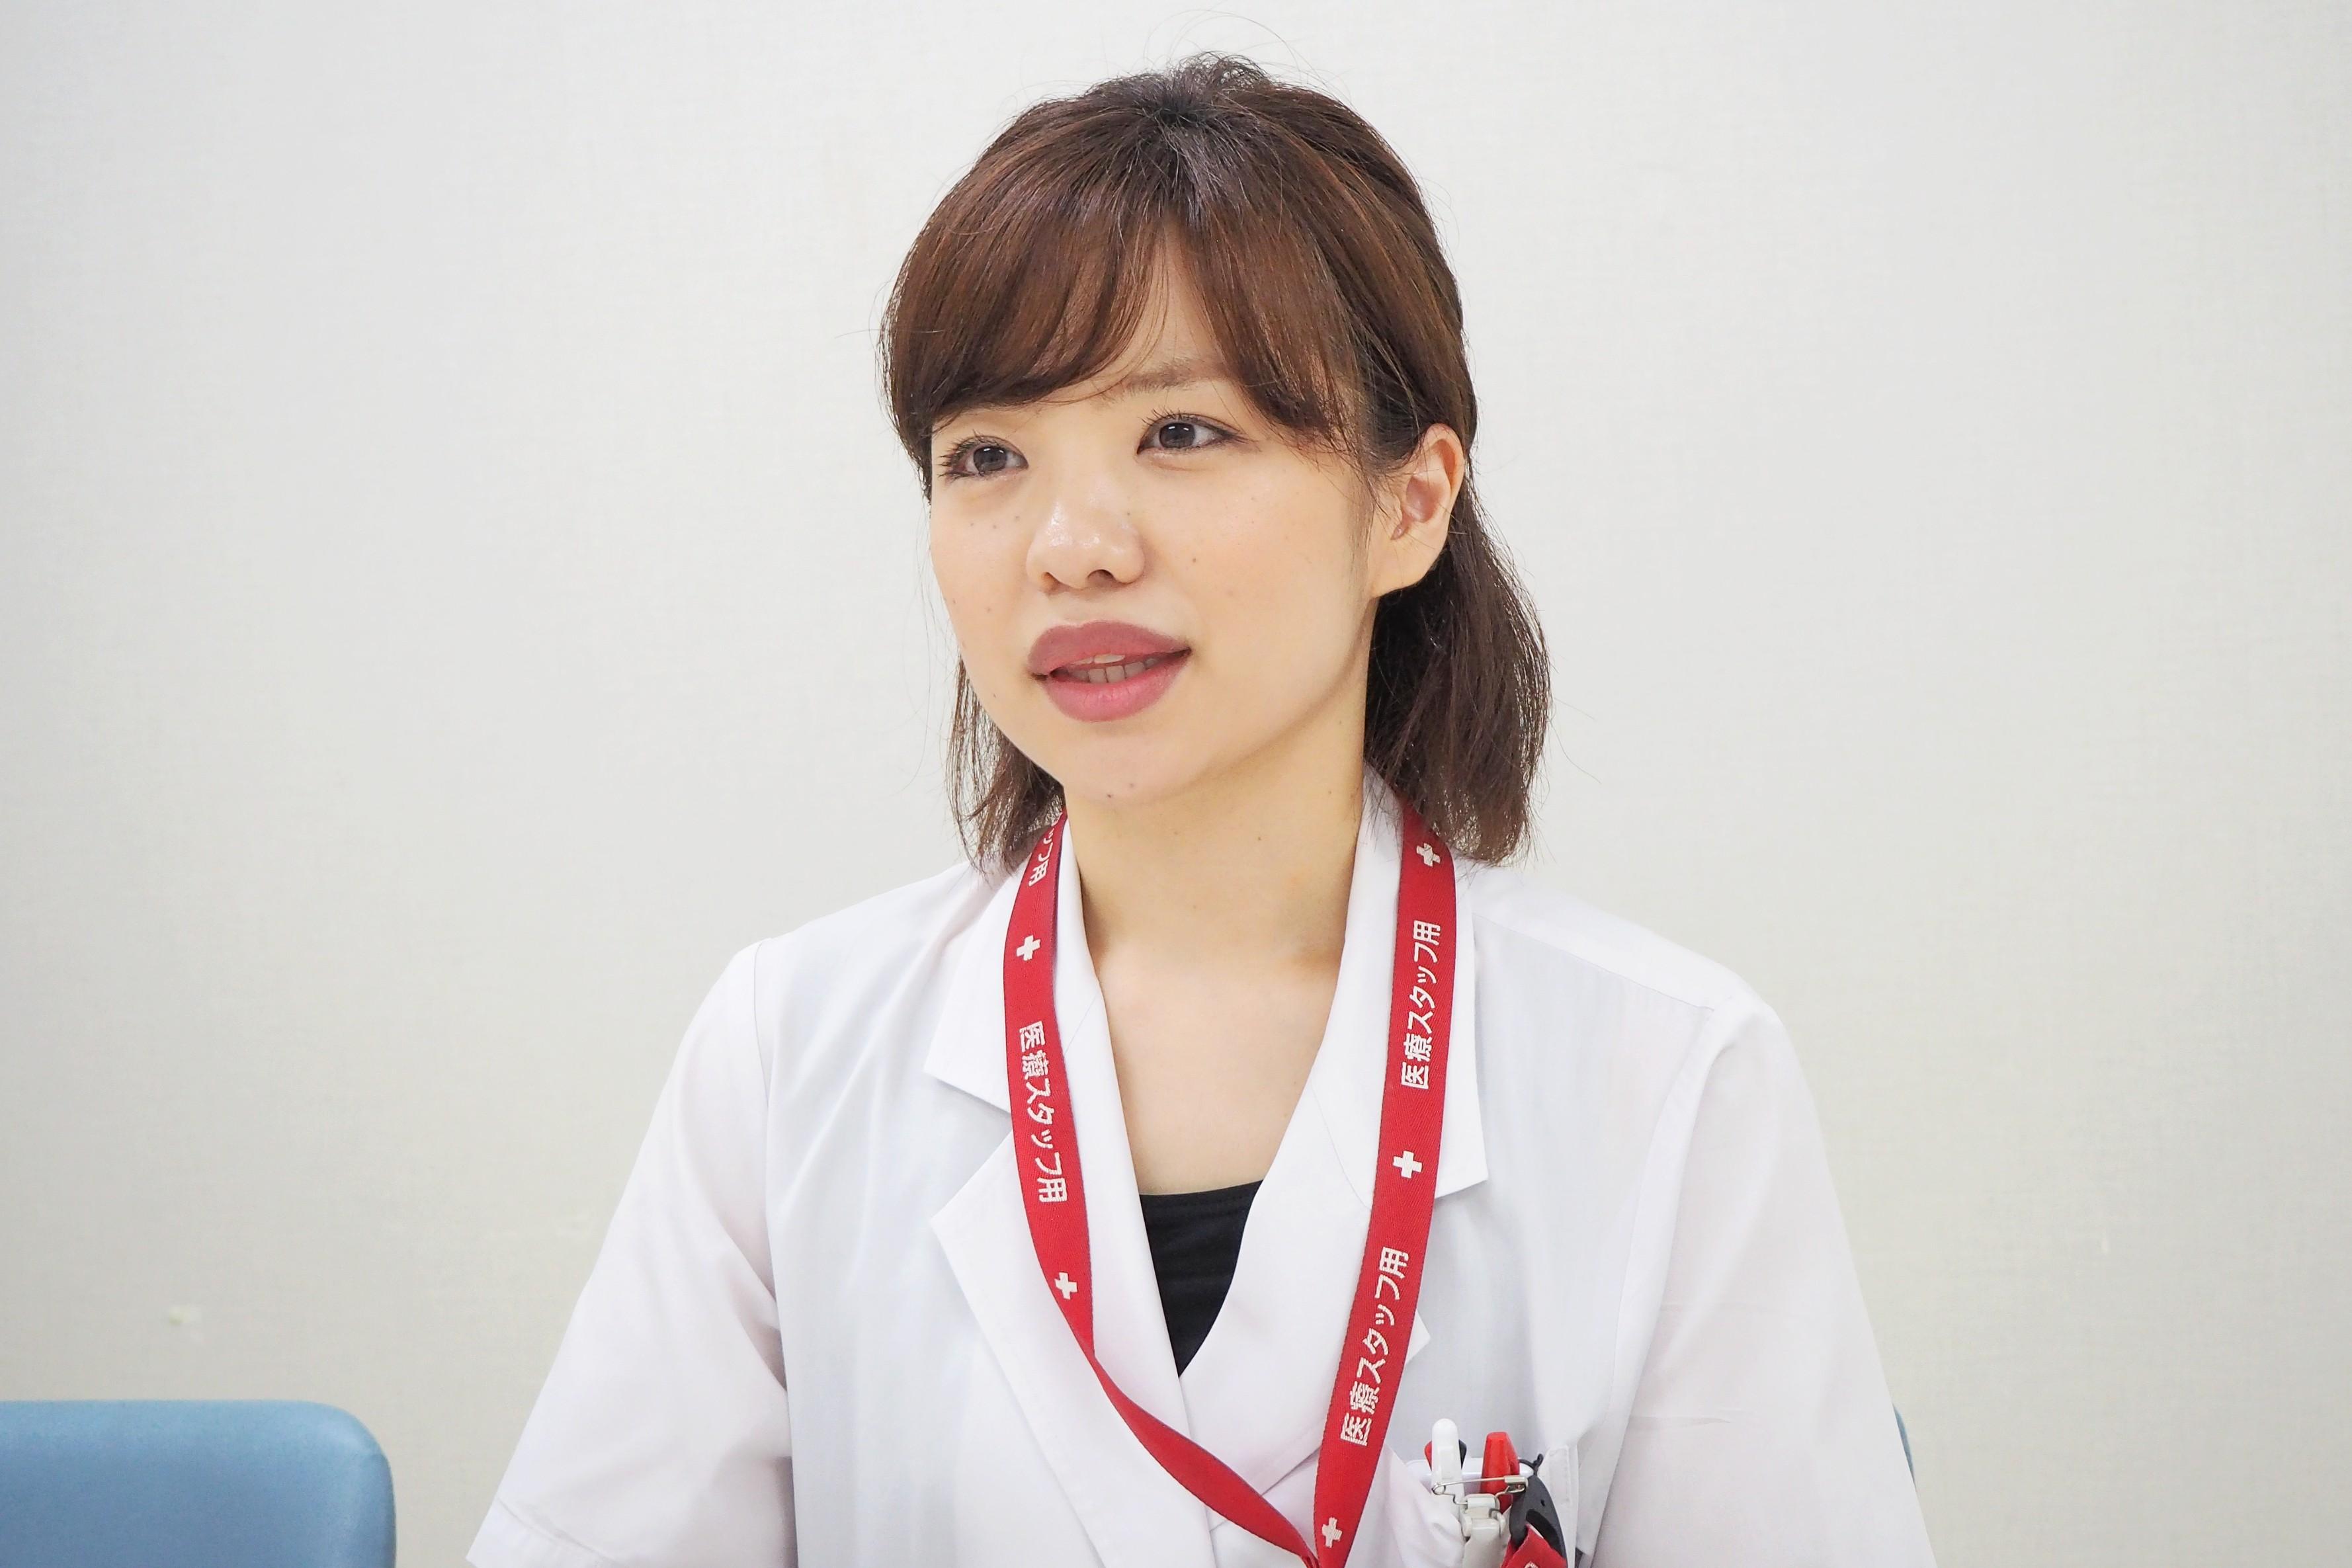 永生病院における管理栄養士の活躍